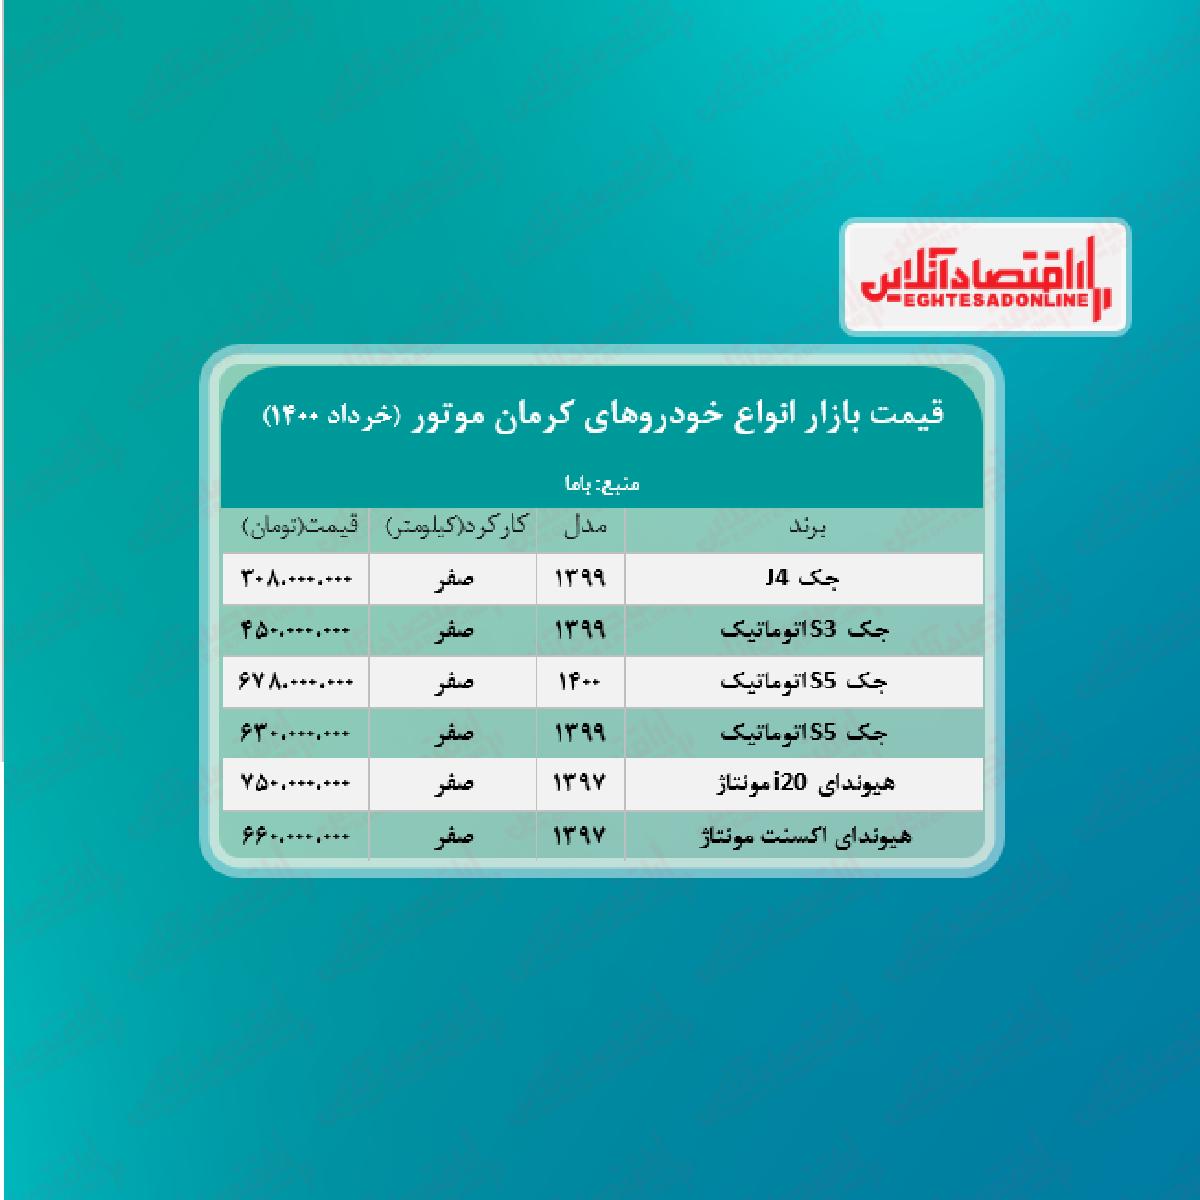 قیمت محصولات کرمان موتور